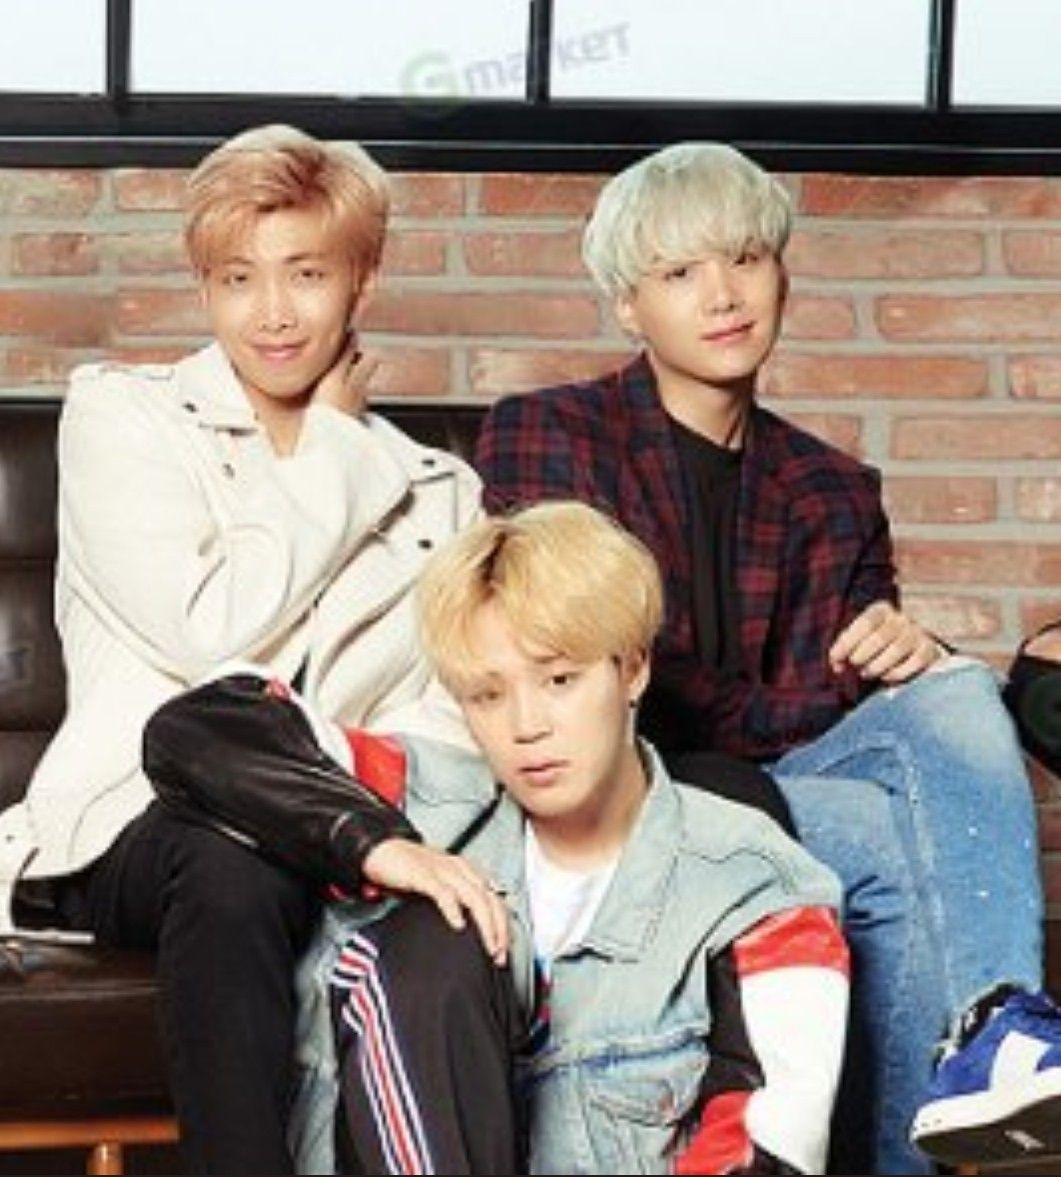 RM #Jimin #Suga | BTS Stuff in 2019 | Bts, Jimin